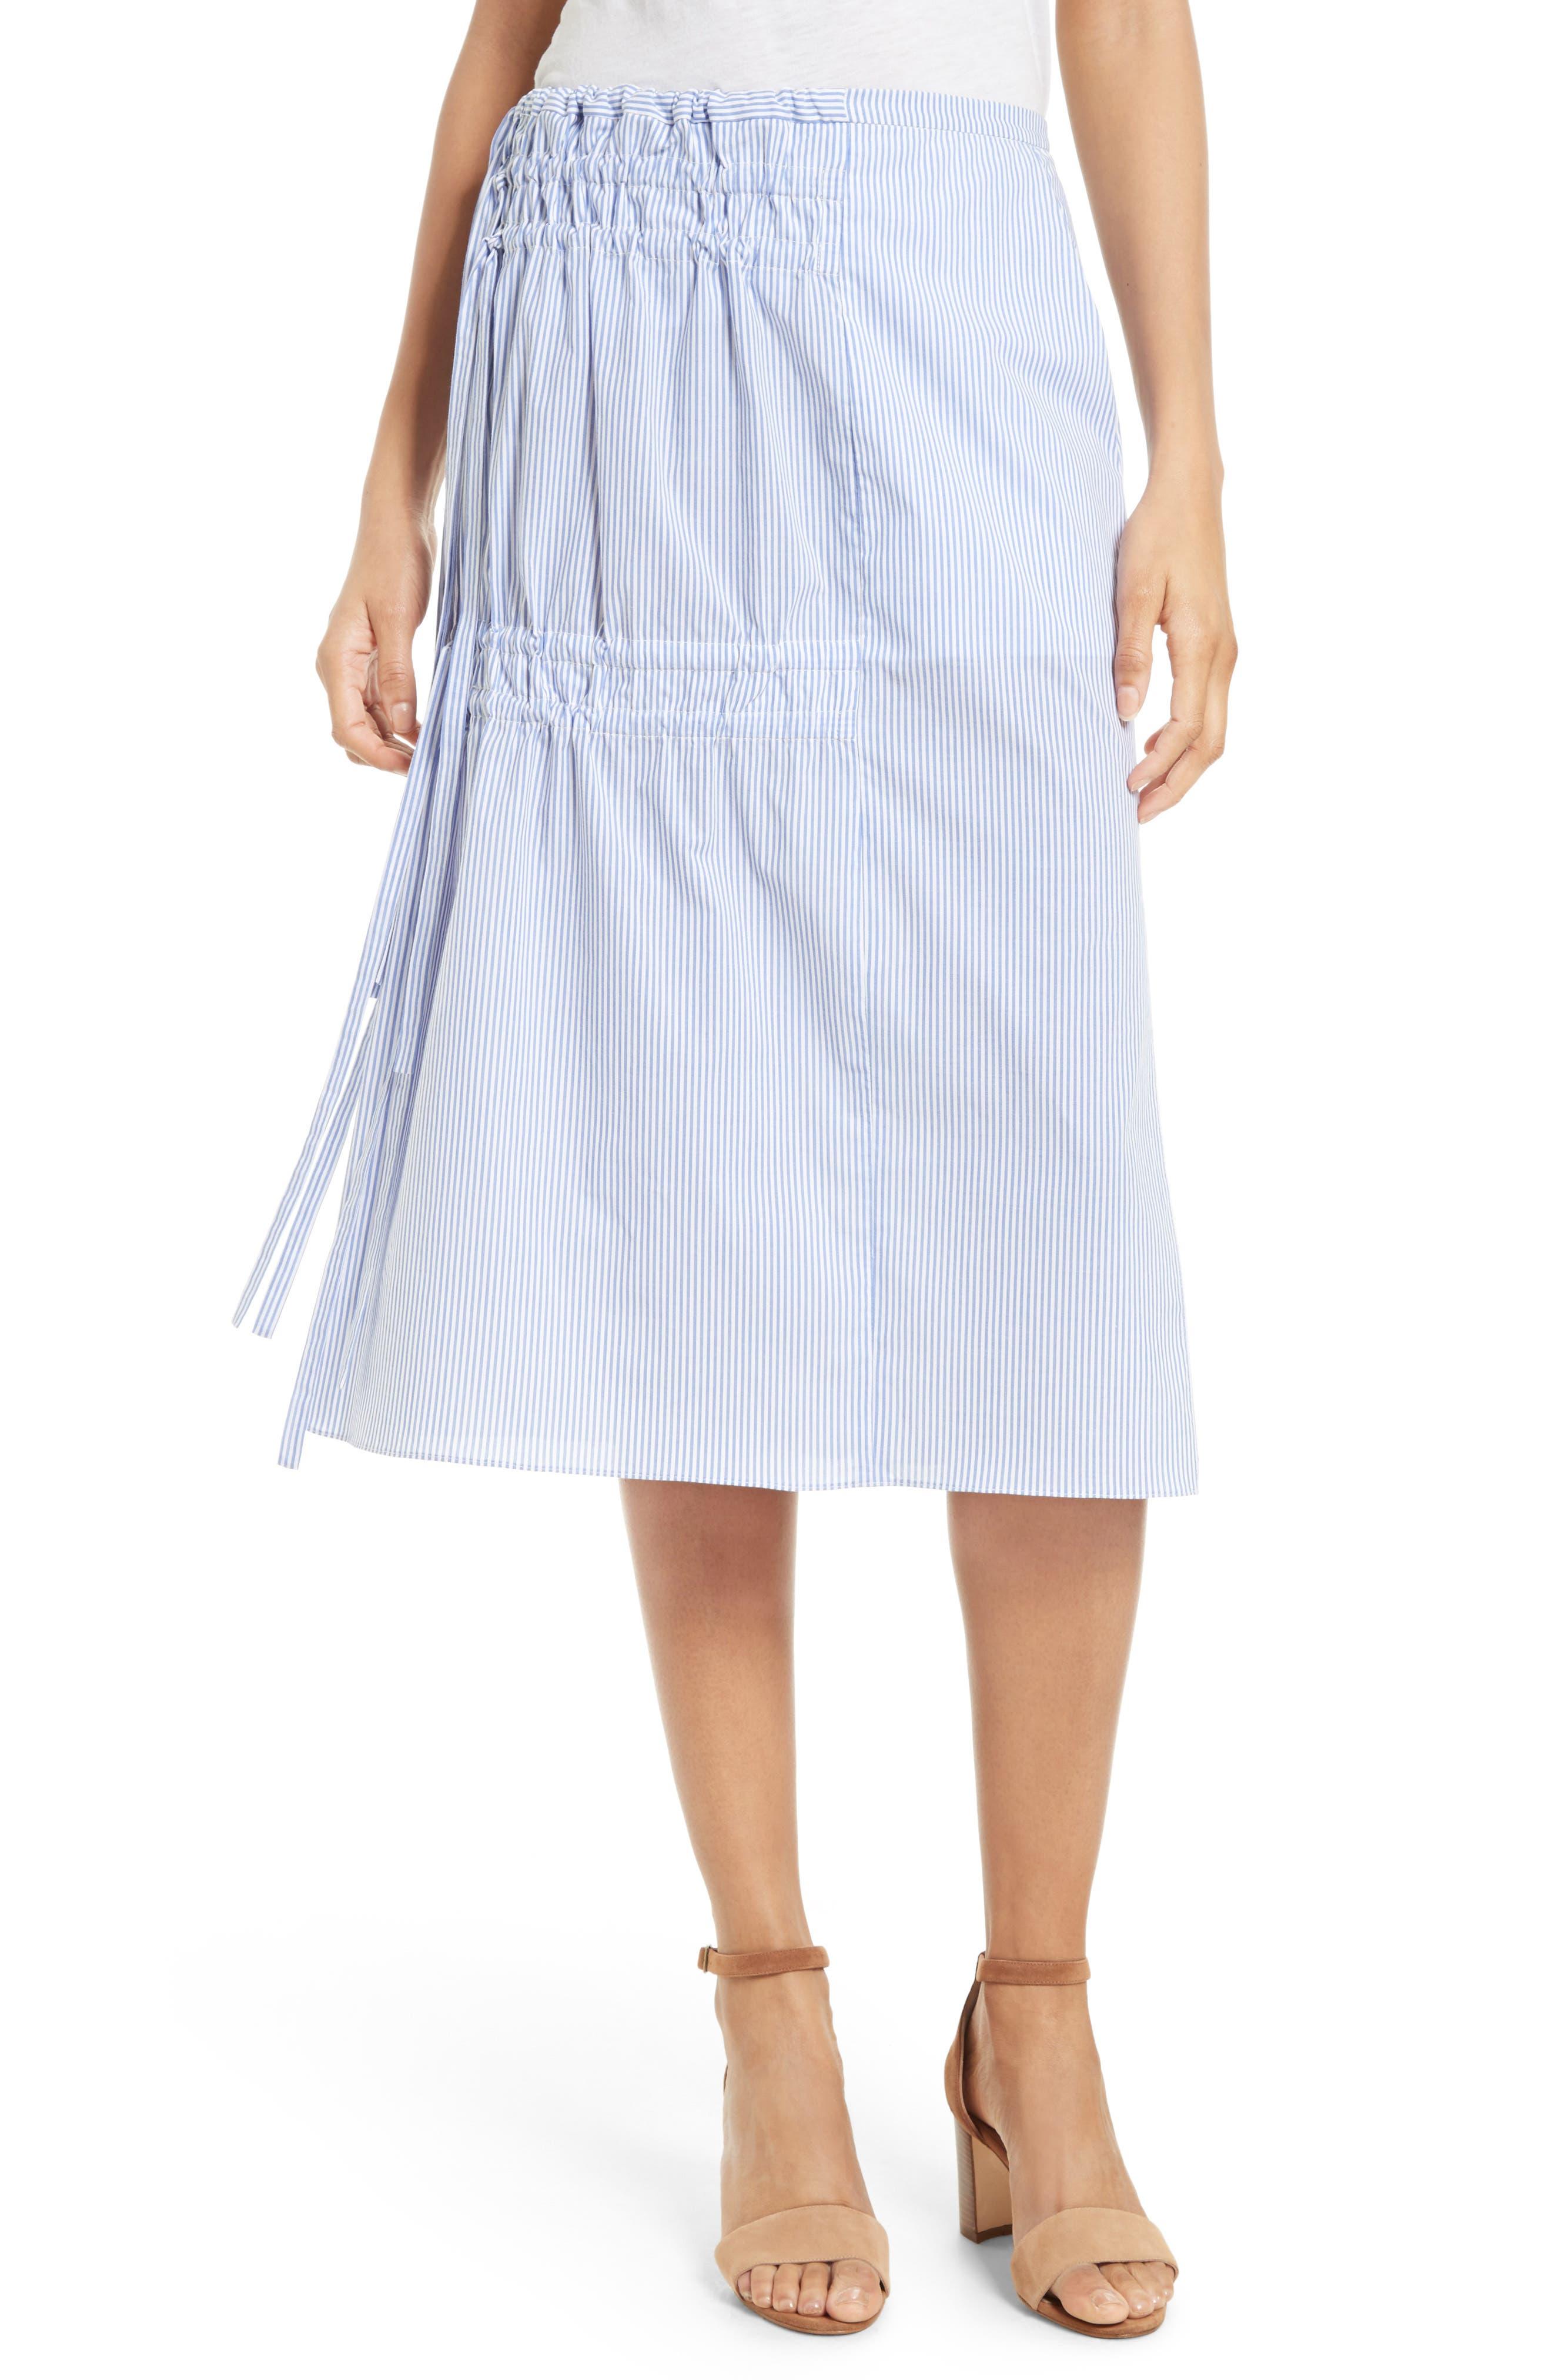 Tibi Elliot Stripe Side Tie Skirt